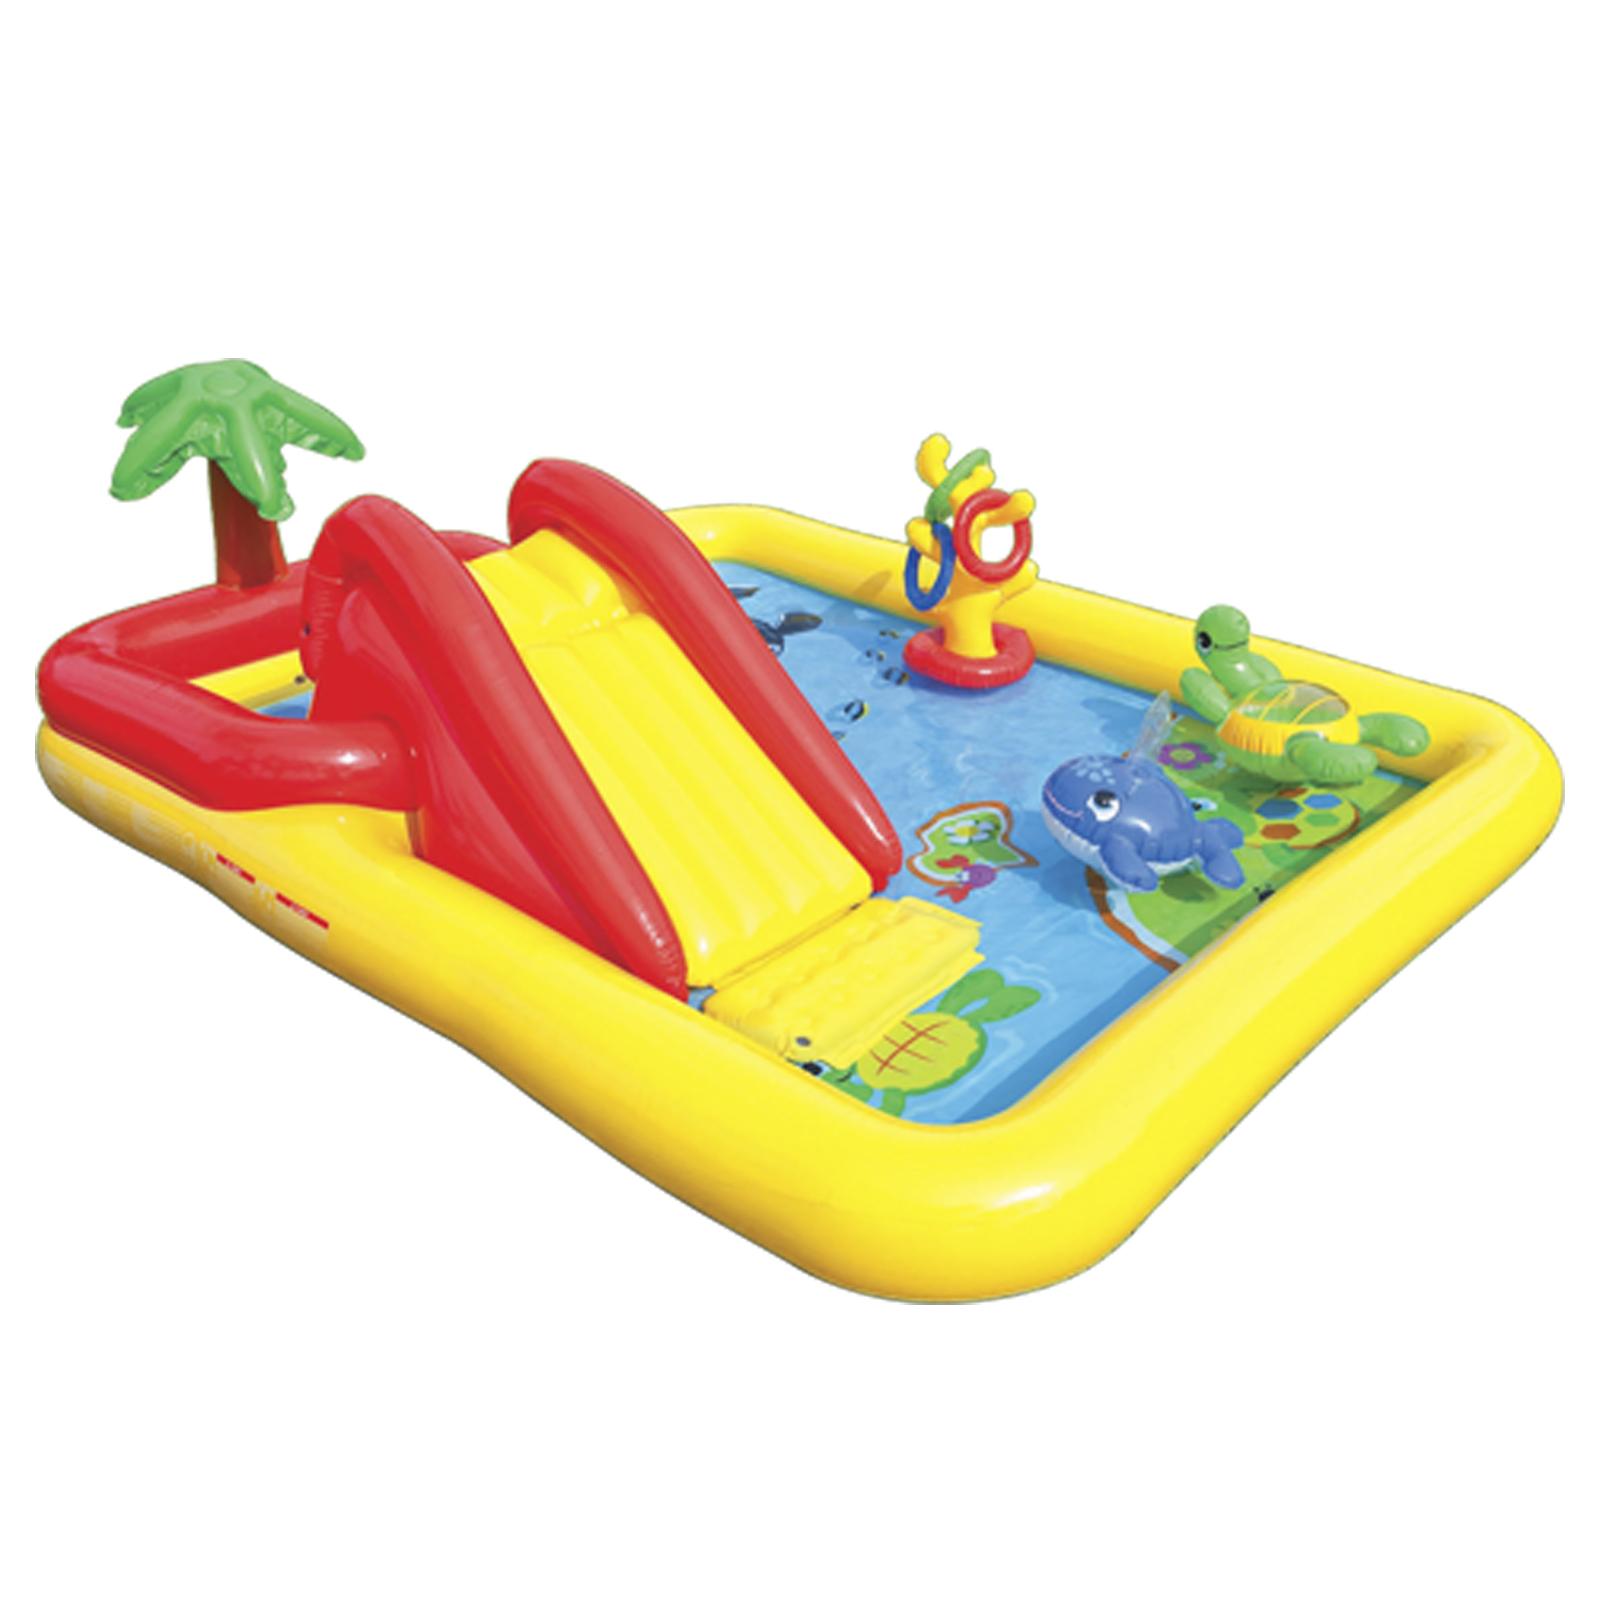 Kinder pool und spiel center planschbecken wasser rutsche for Gartenpool ebay